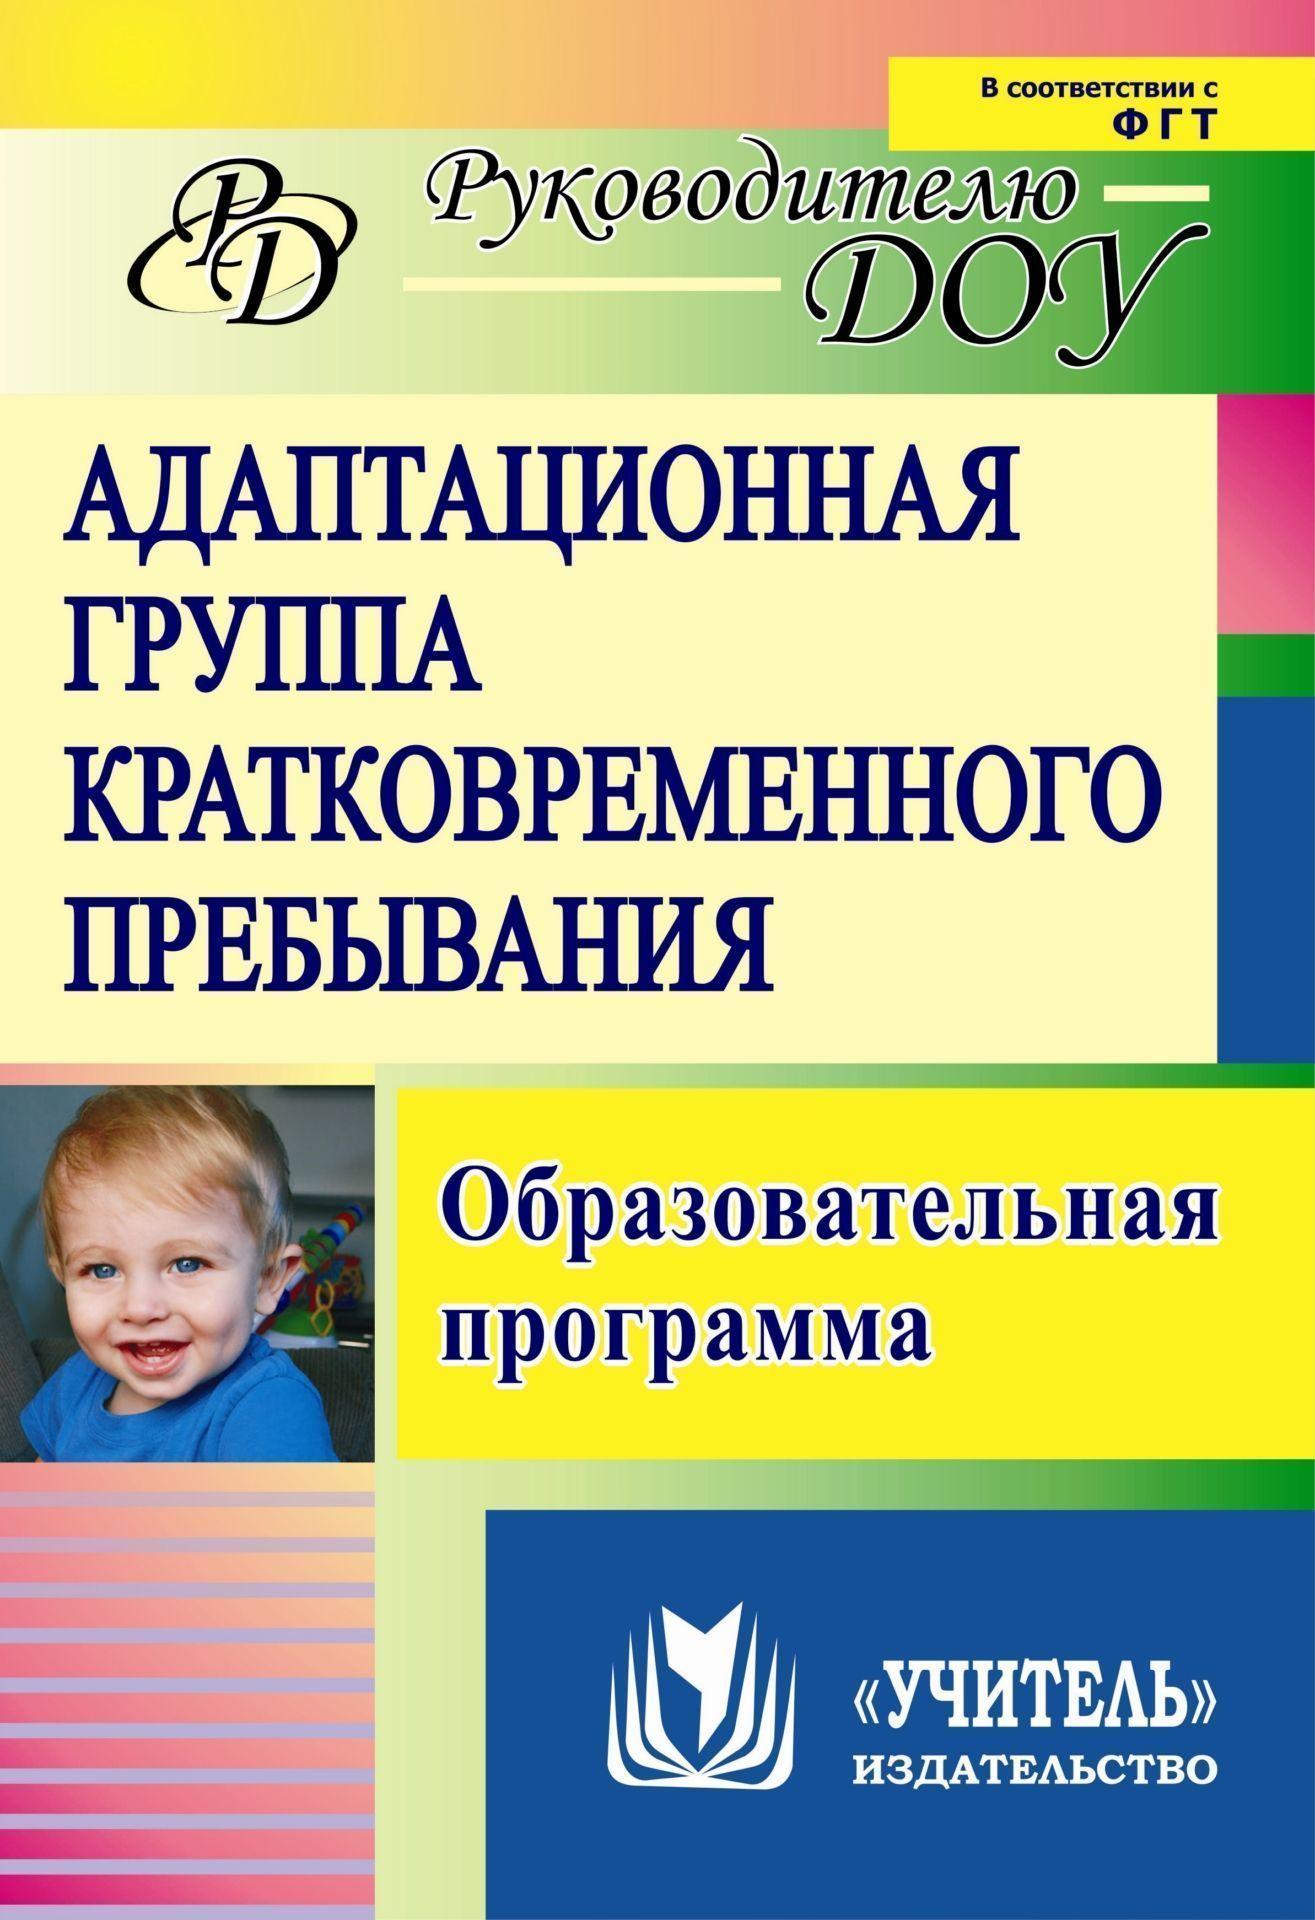 Адаптационная группа кратковременного пребывания: образовательная программа